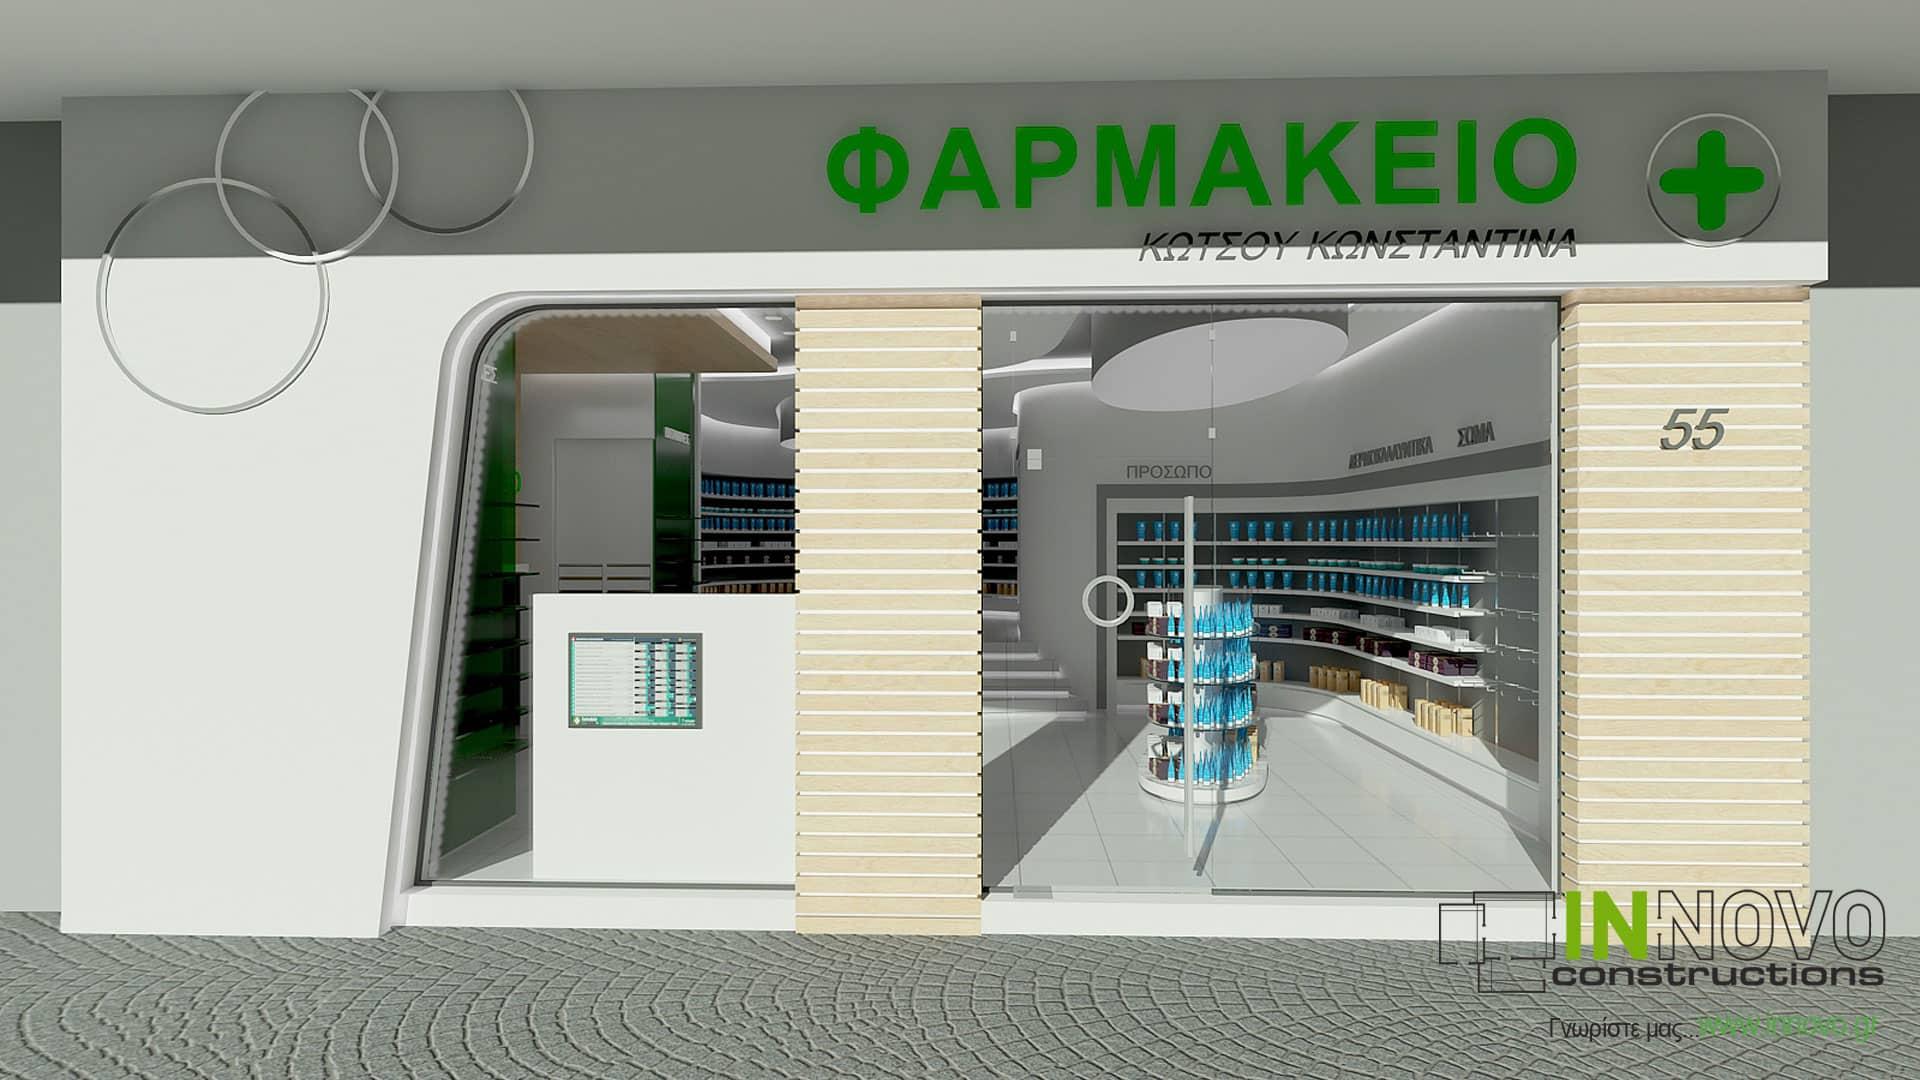 Σχεδιασμός ανακαίνισης φαρμακείου στην Ελευσίνα